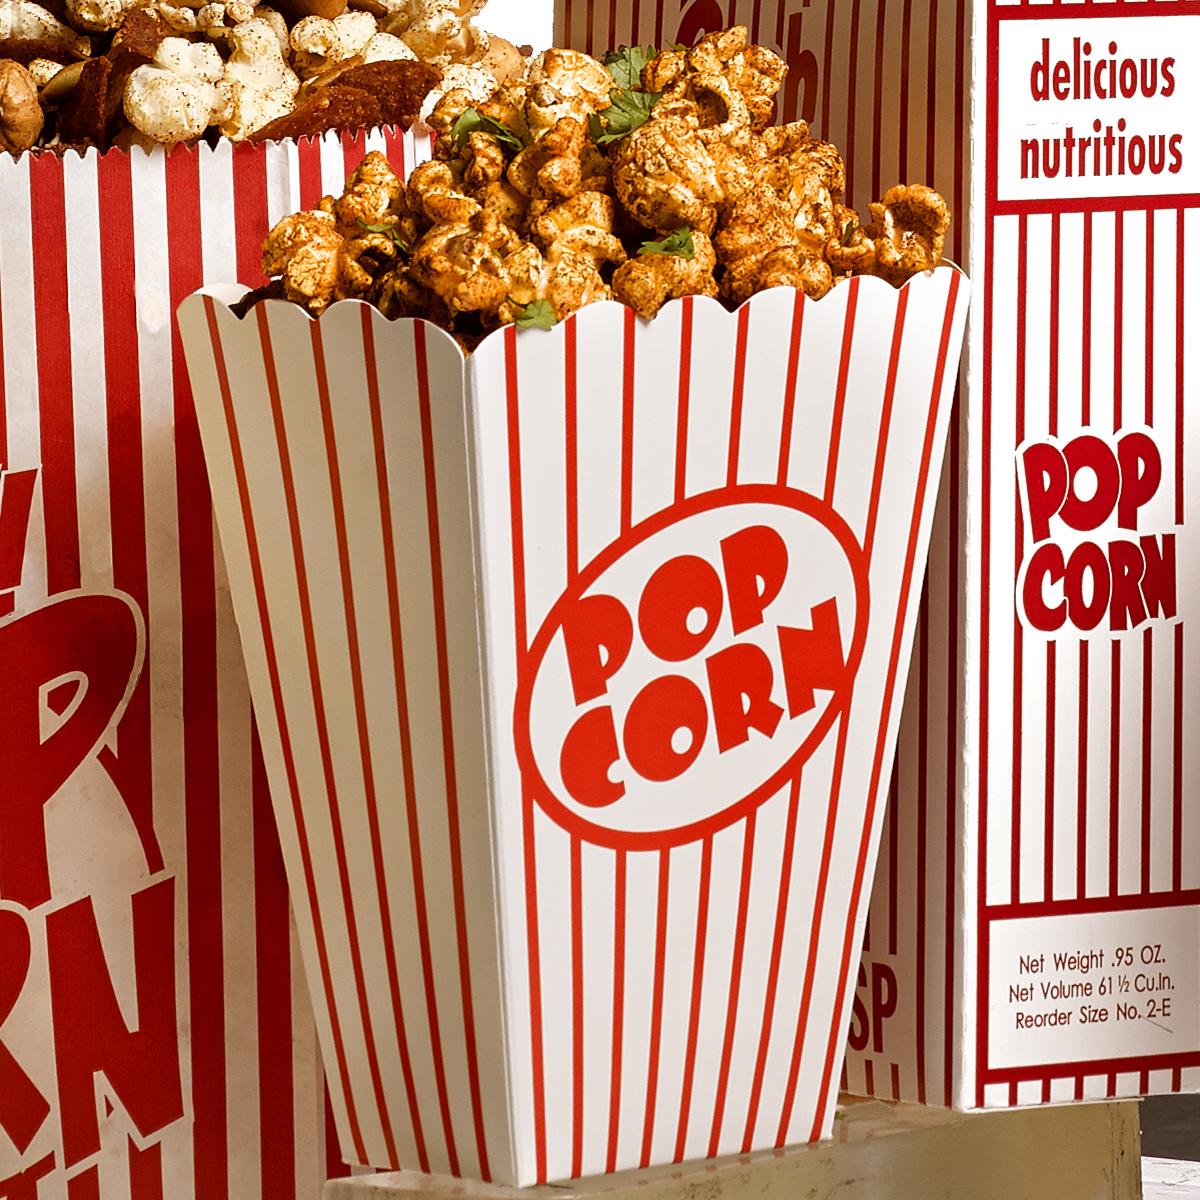 tex mex popcorn